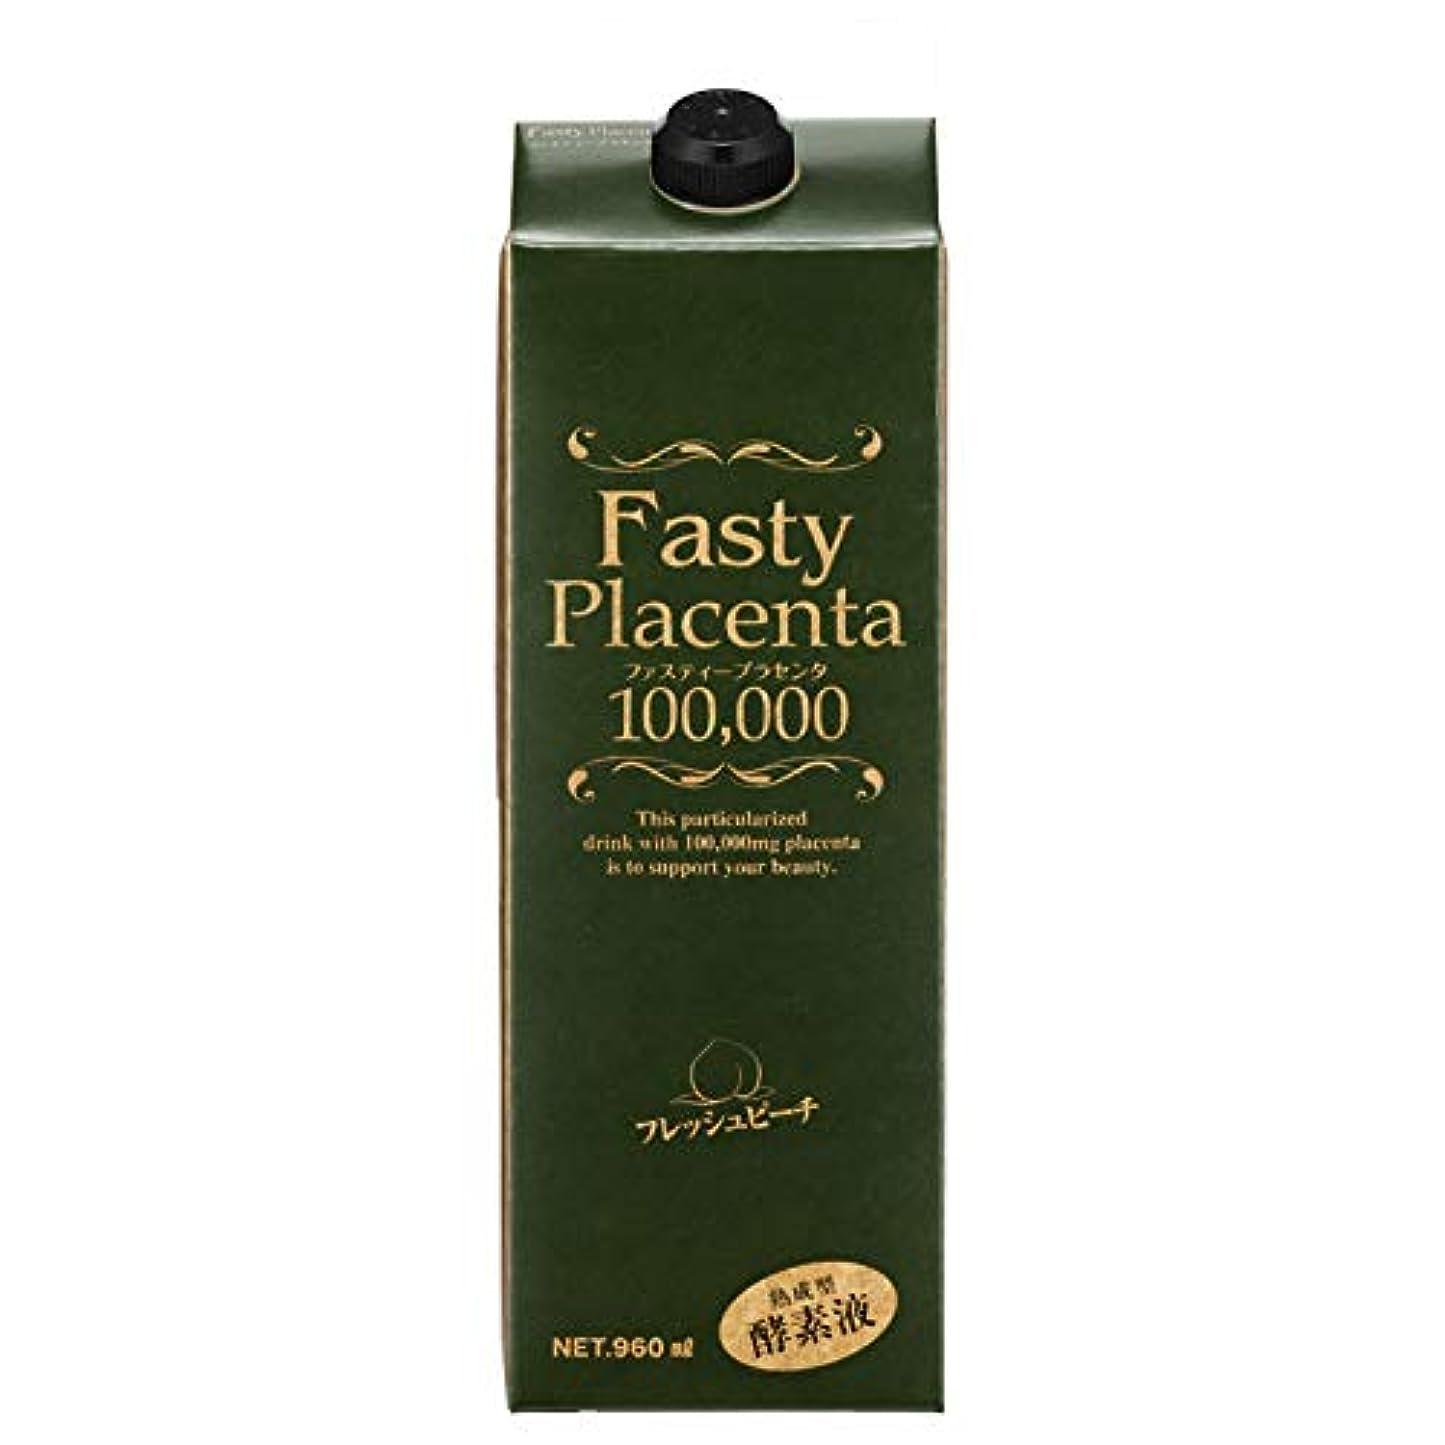 パブ雪ドラムファスティープラセンタ100,000 増量パック(フレッシュピーチ味)1個